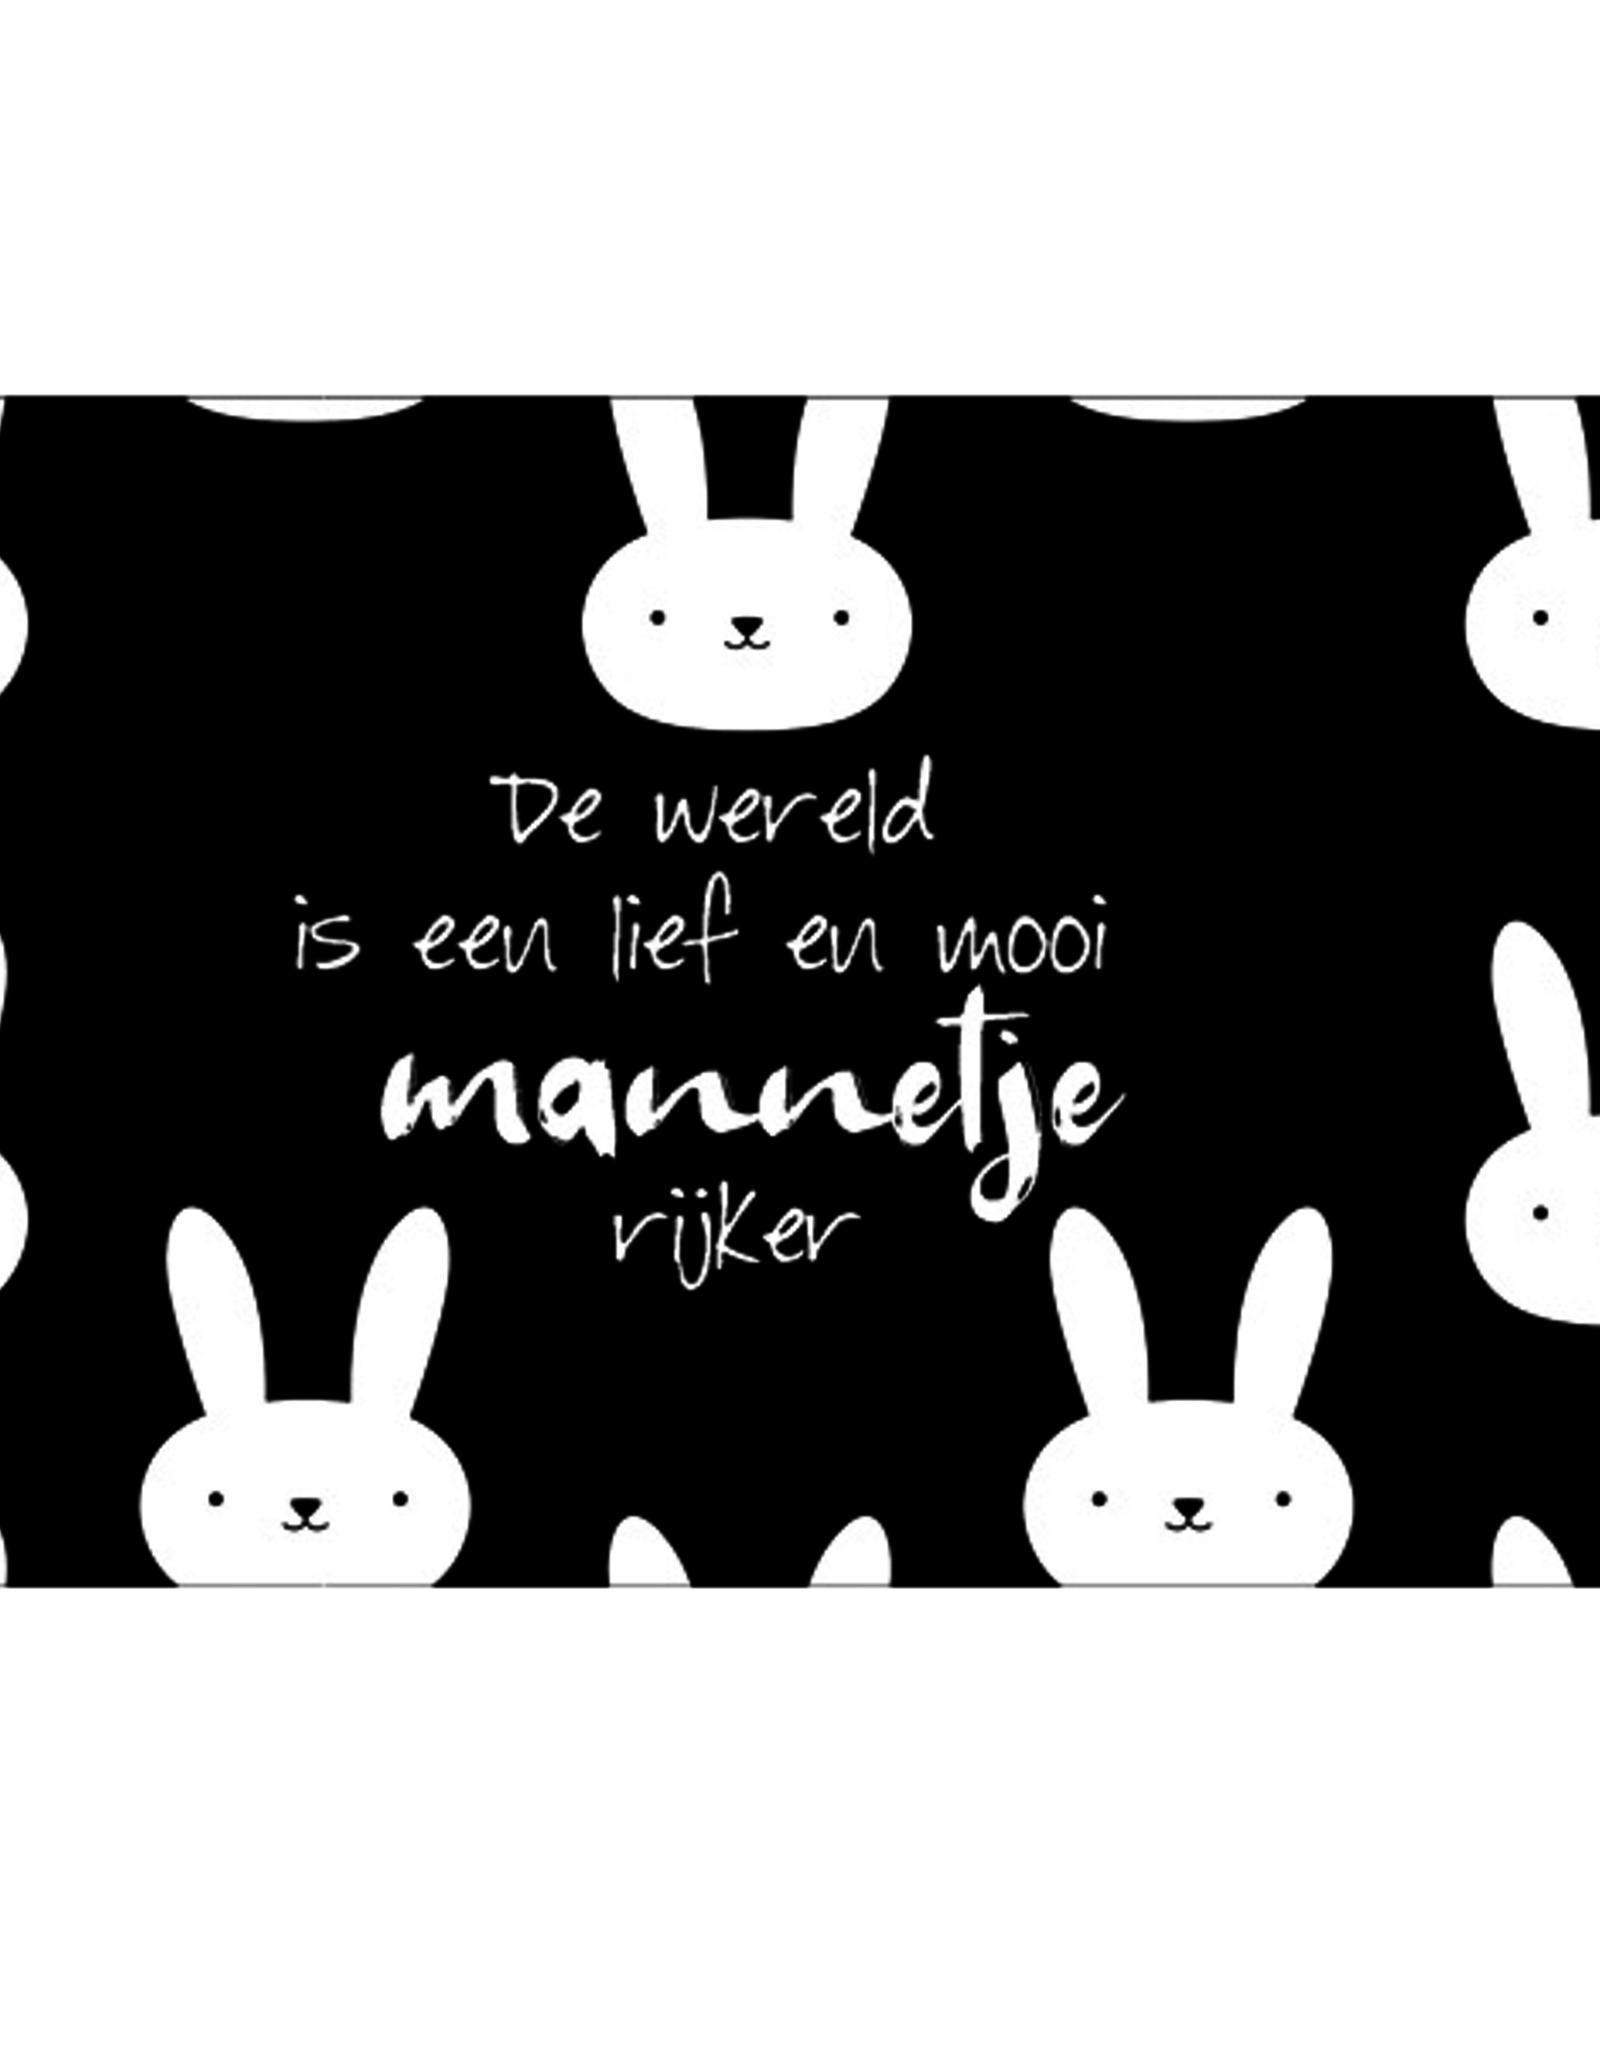 De wereld is een lief en mooi mannetje rijker - Wenskaart Marshmallow